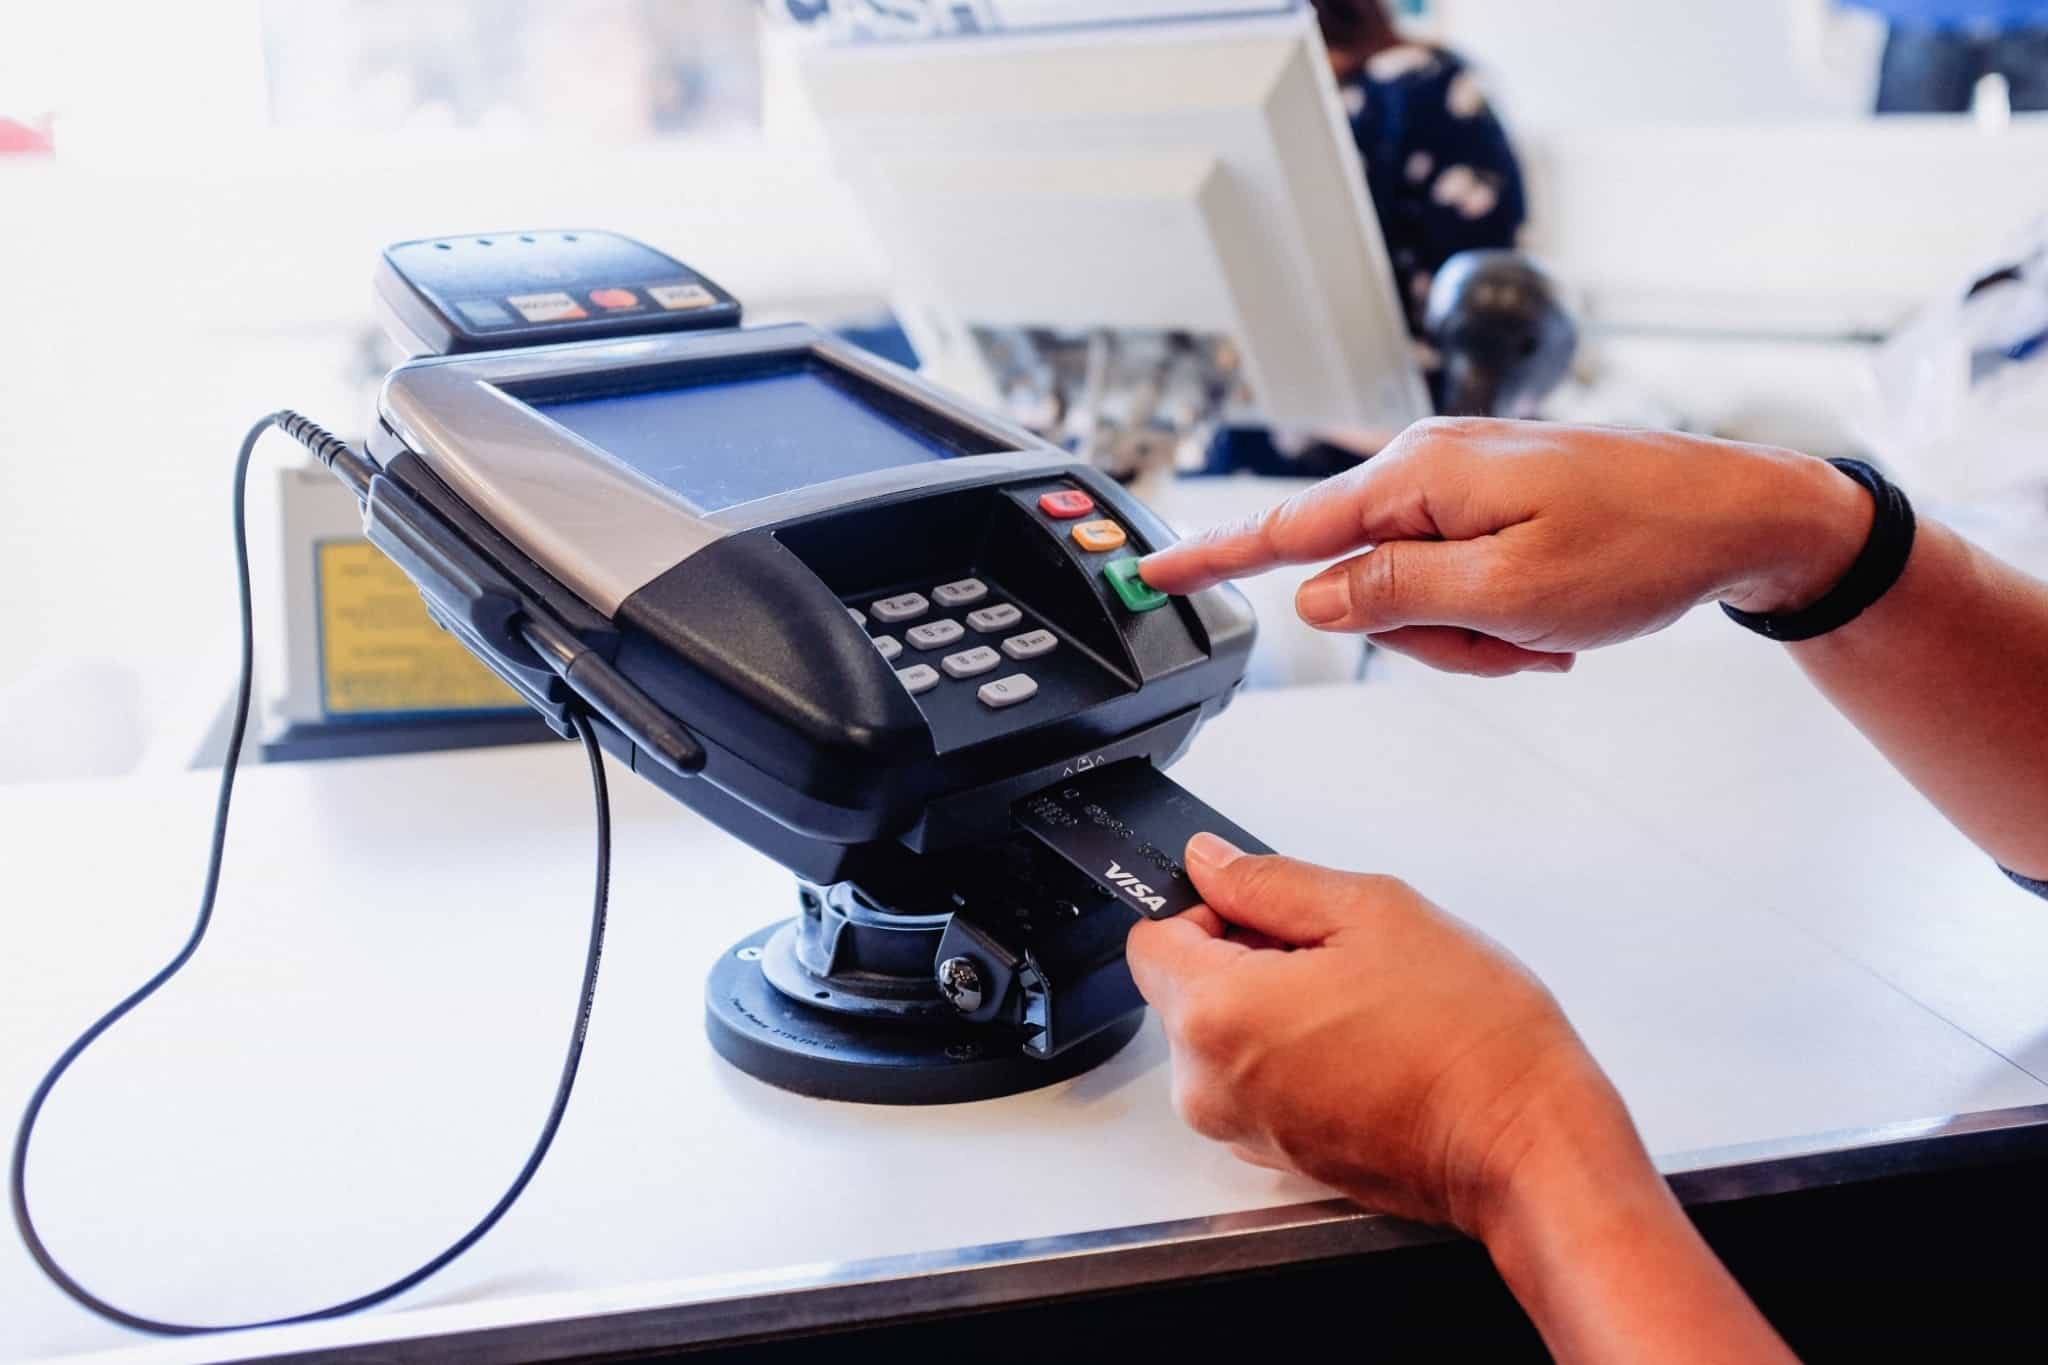 pagamento num terminal com cartão de crédito visa preto